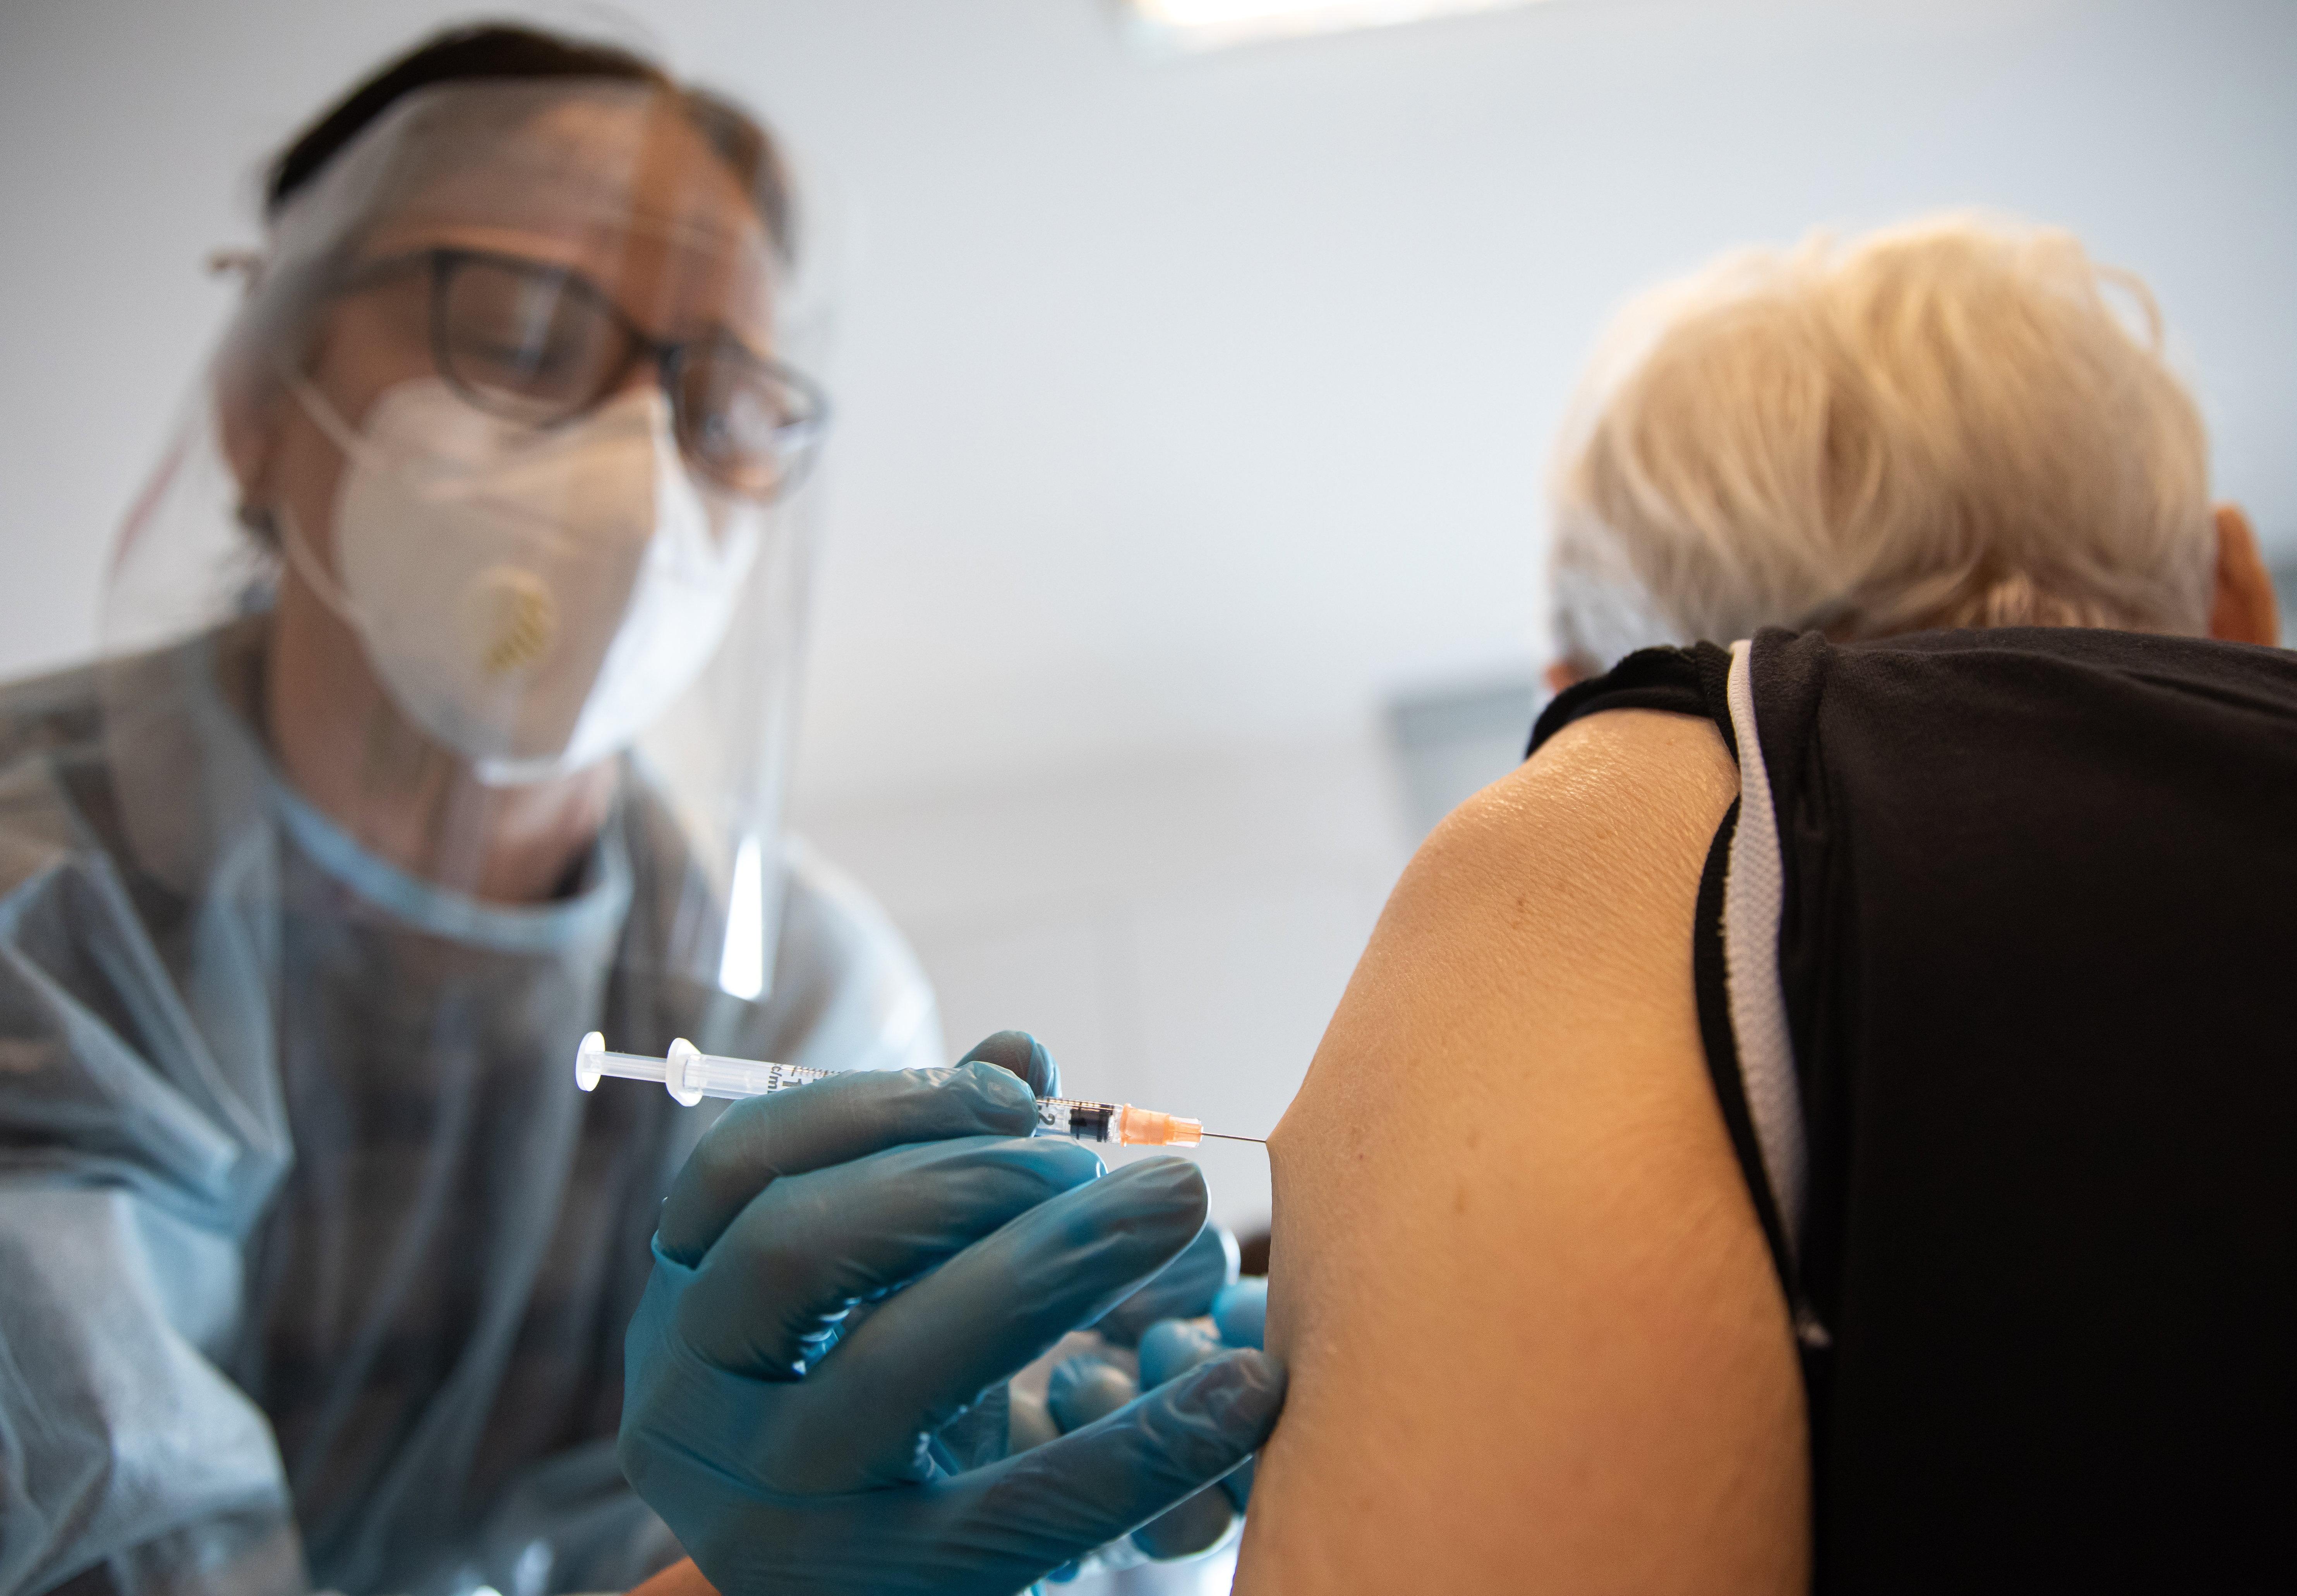 Lemondták a hétvégi tömeges oltást, sokan mégis megkapták a vakcinát